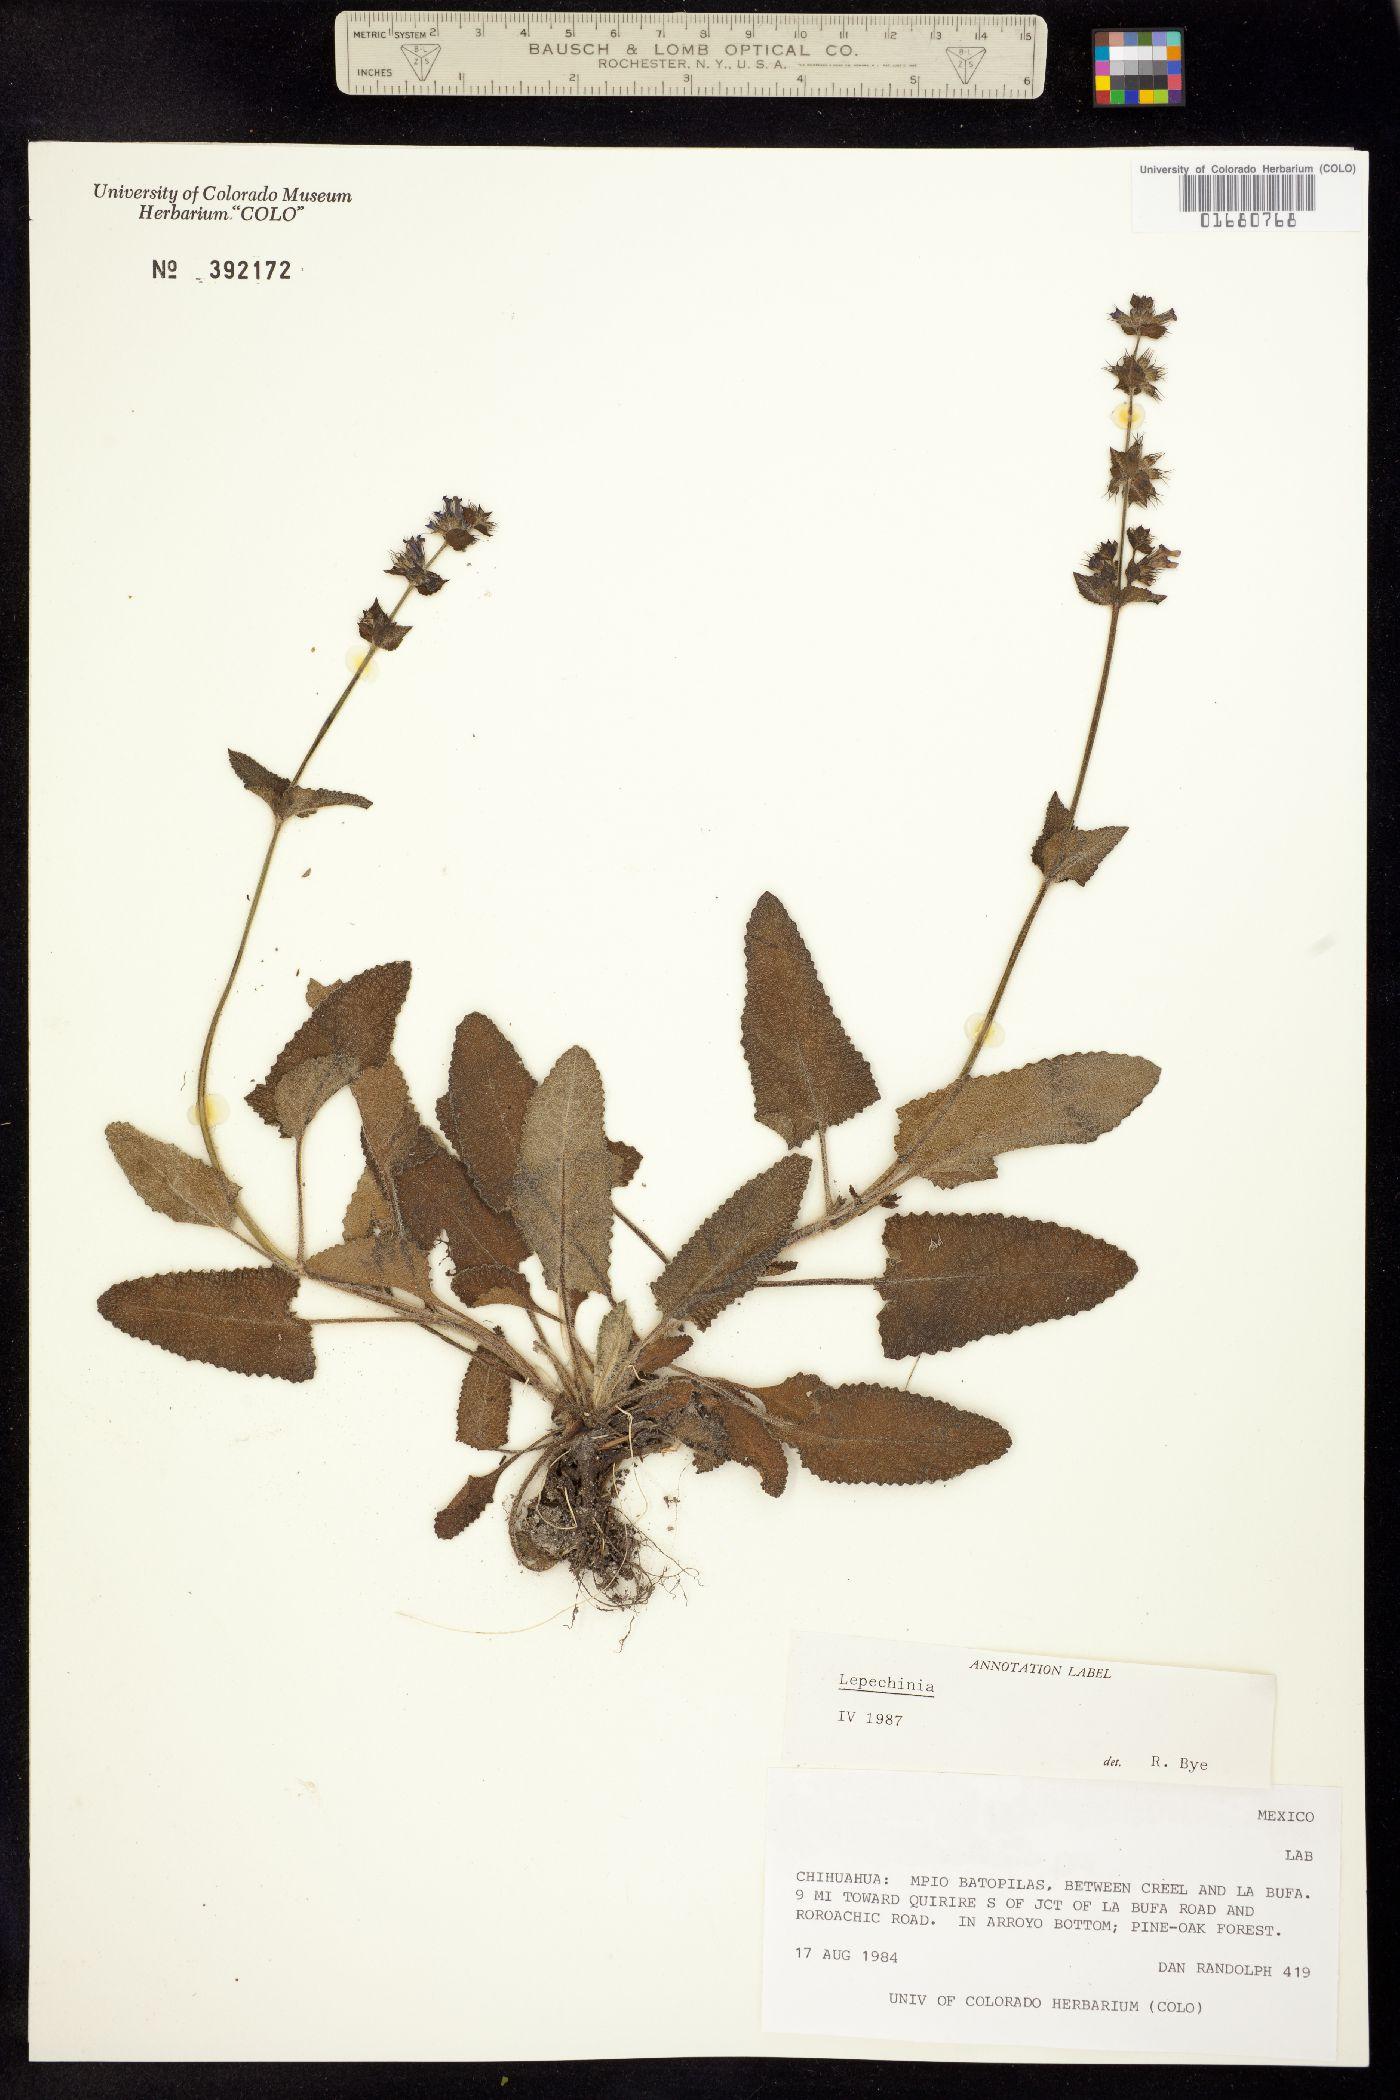 Lepechinia image